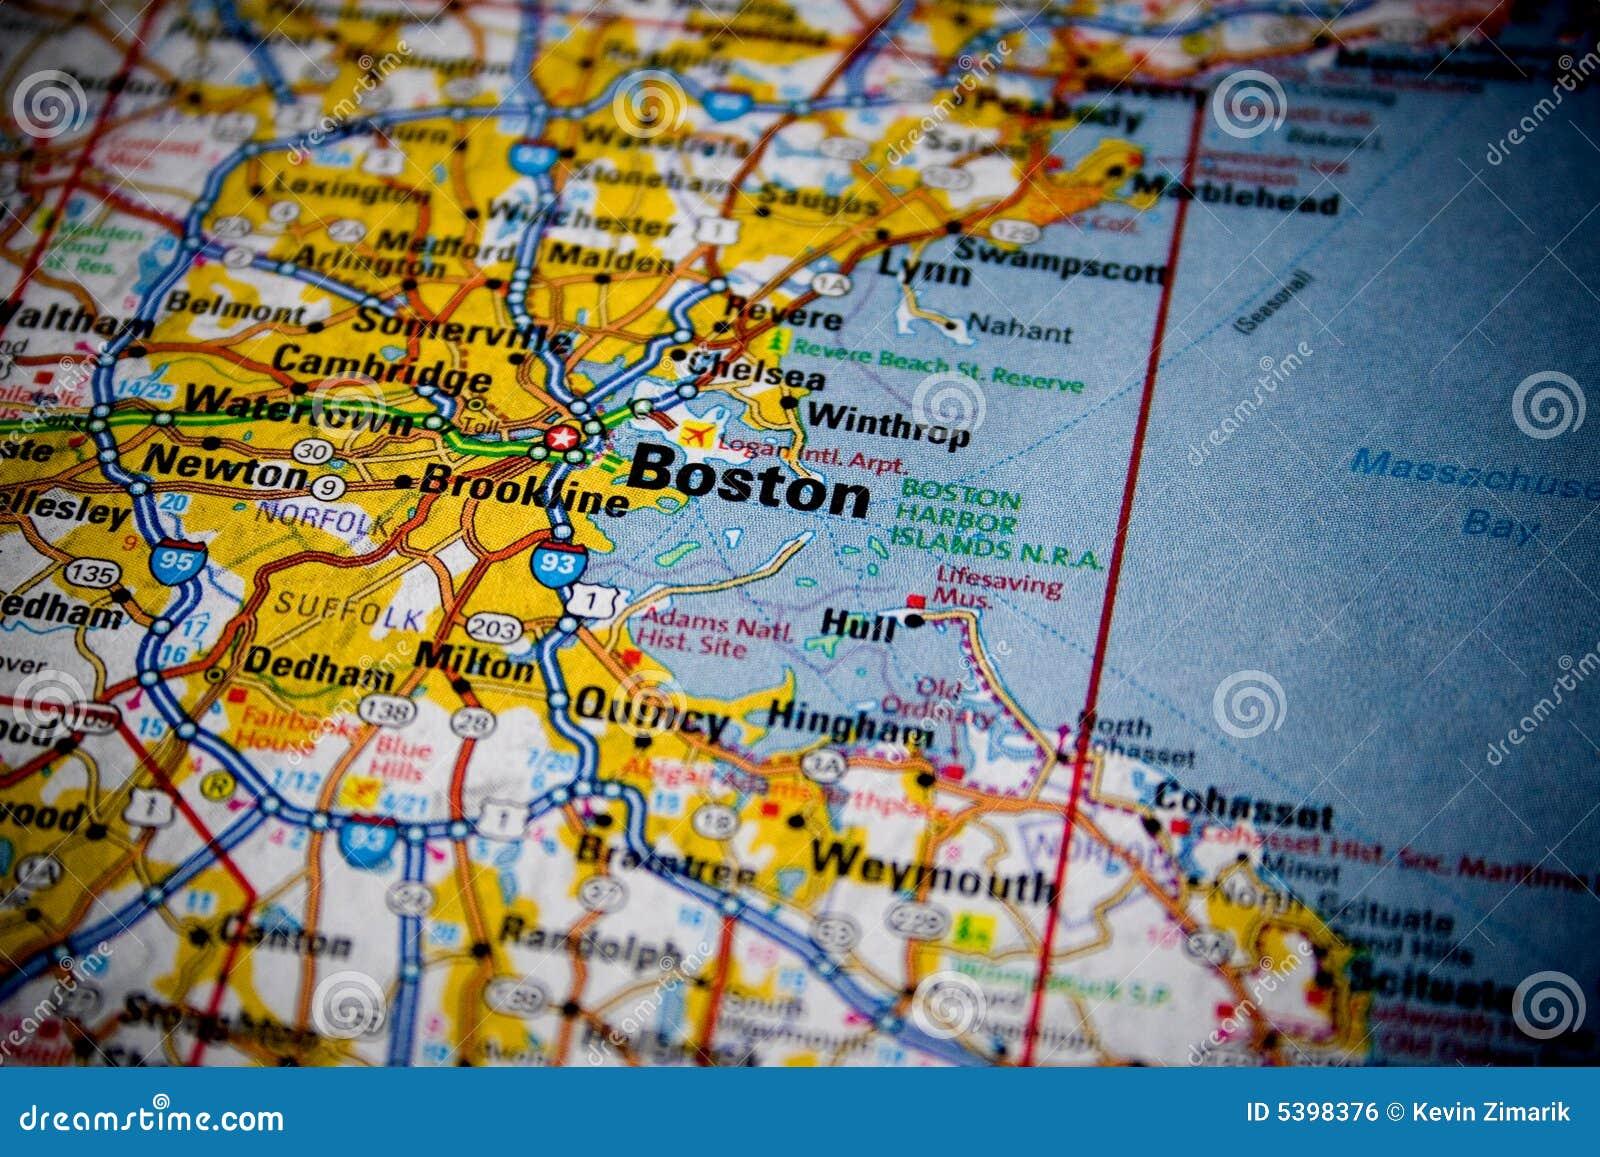 Mapa de Boston